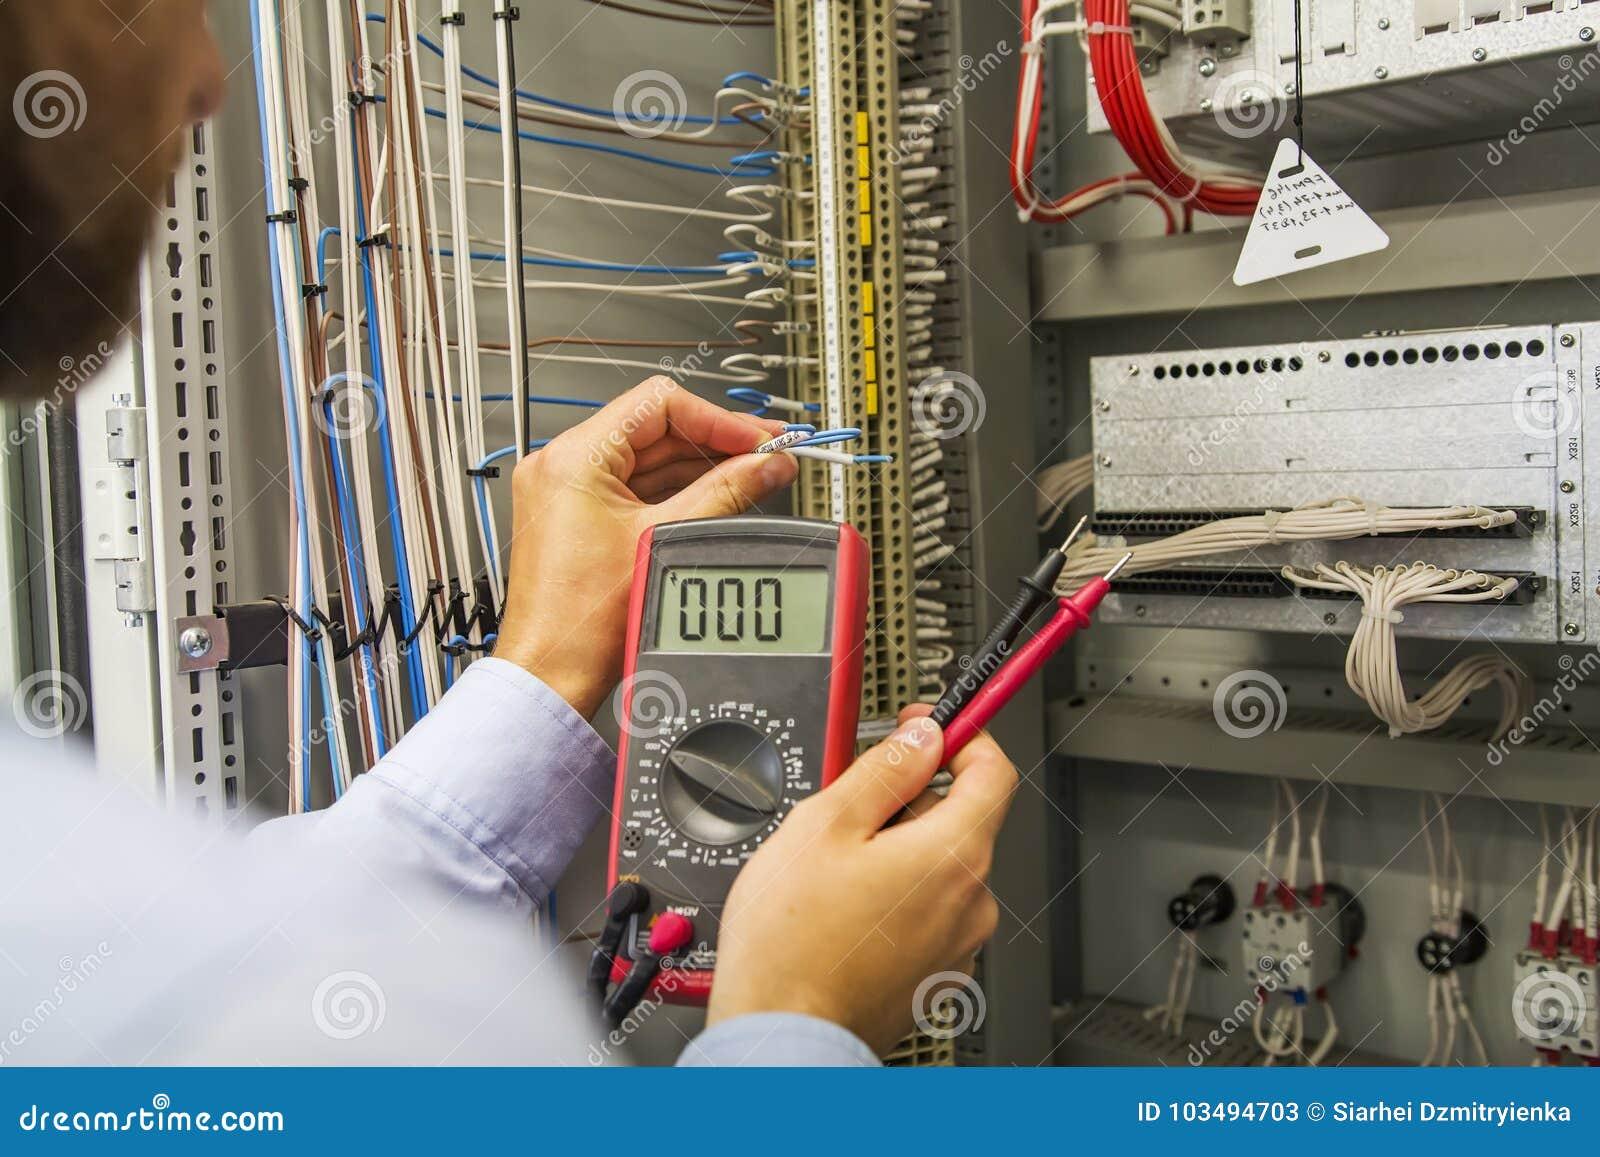 Инженер электрика с вольтамперомметром испытывает щиток управления системой  электропитания оборудования автоматизации Специалист 01968297eae78